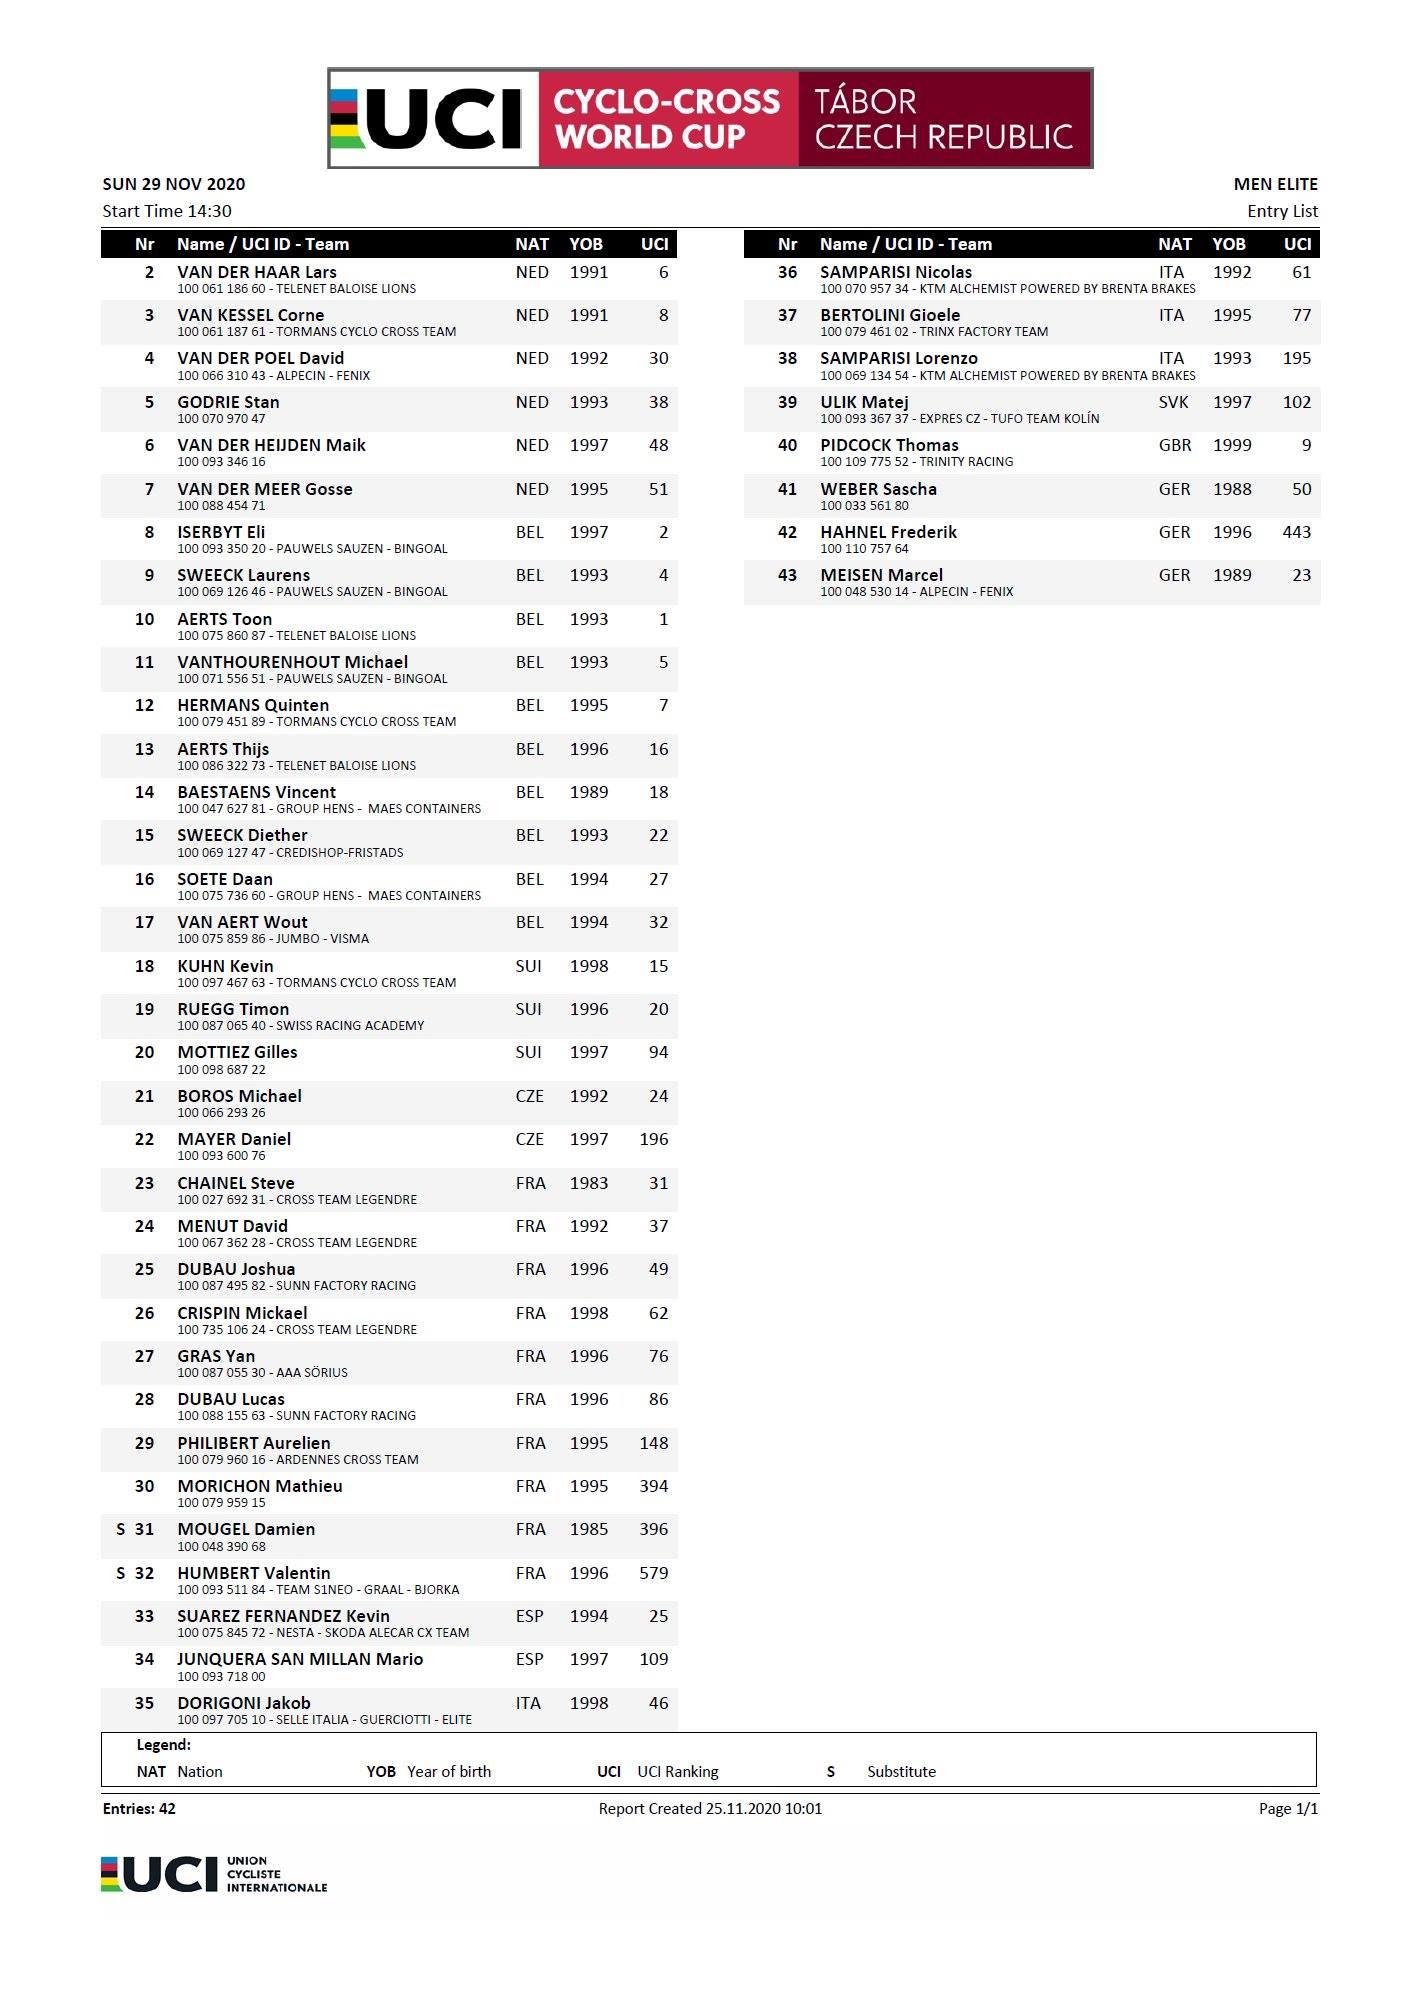 Cyclo-cross - Coupe du monde de Tabor - Le startlist de la course hommes